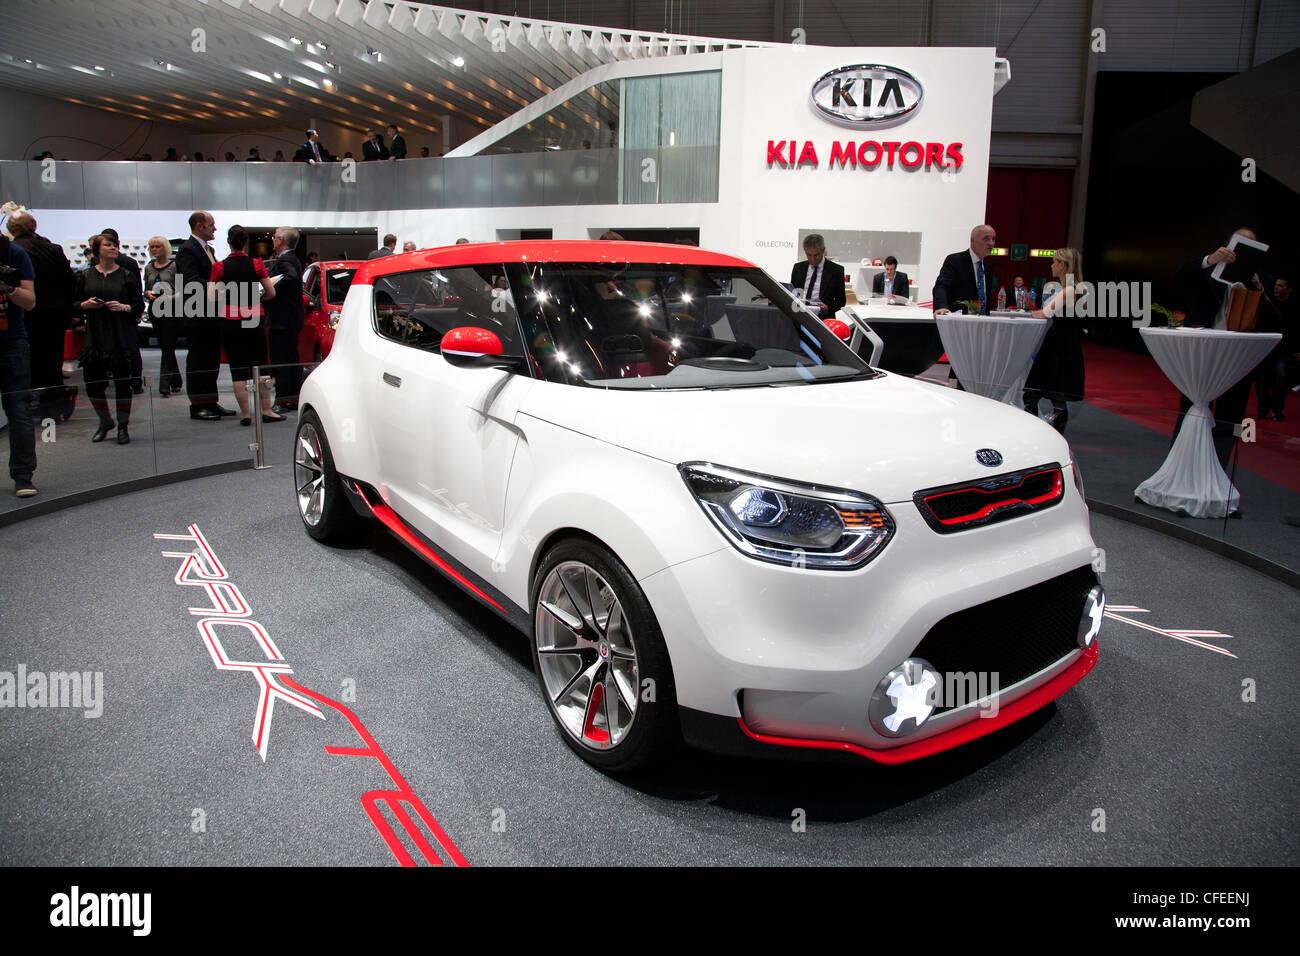 Kia Trackster at the Geneva Motor Show 2012 Stock Photo